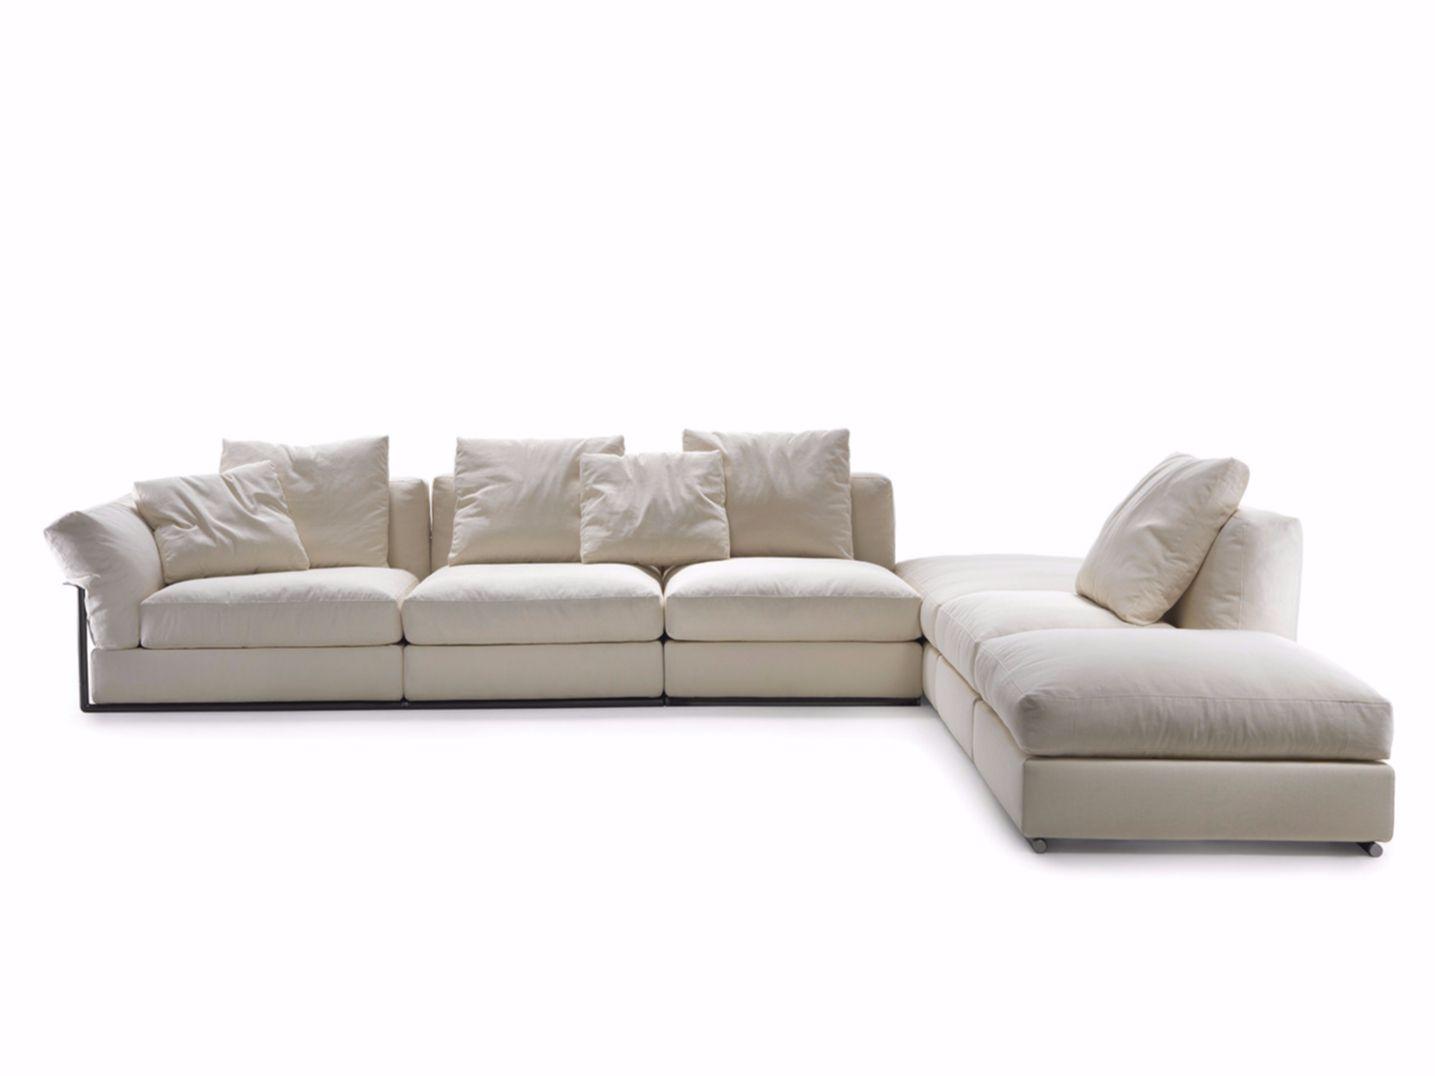 Zeno divano angolare collezione zeno by flexform design antonio citterio - Divano componibile angolare ...